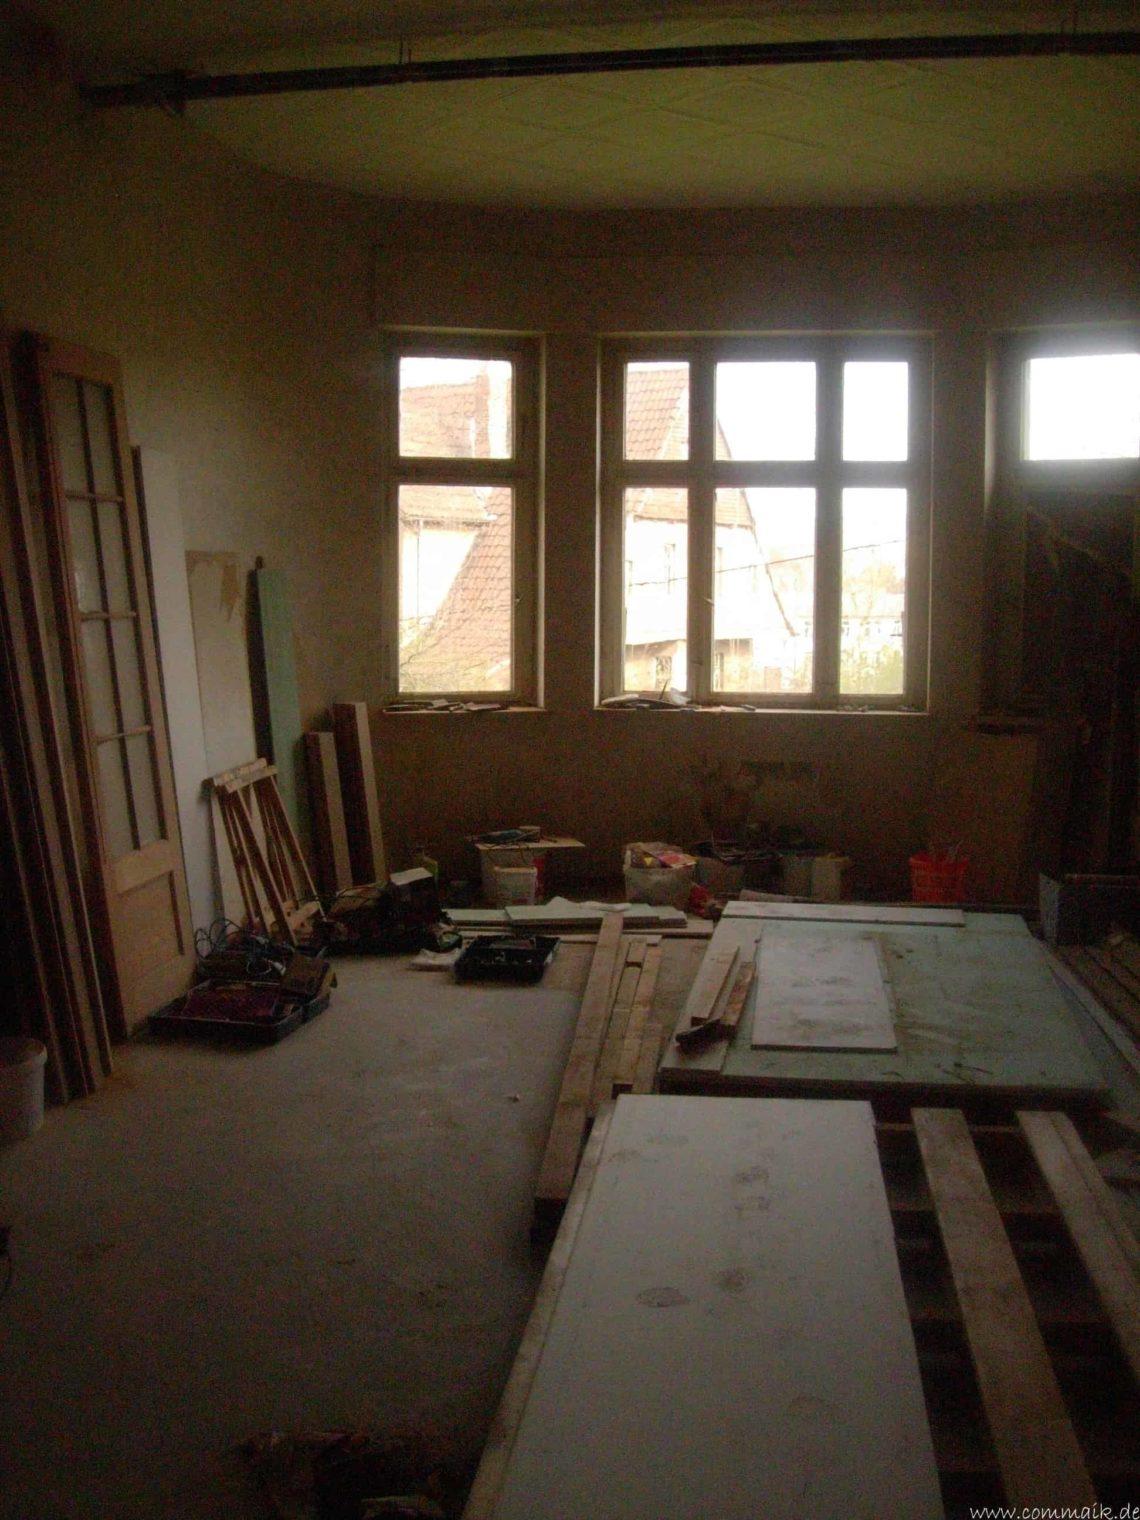 DSCN7520 - Bildergalerie – Wohnung 2 im Erdgeschoss